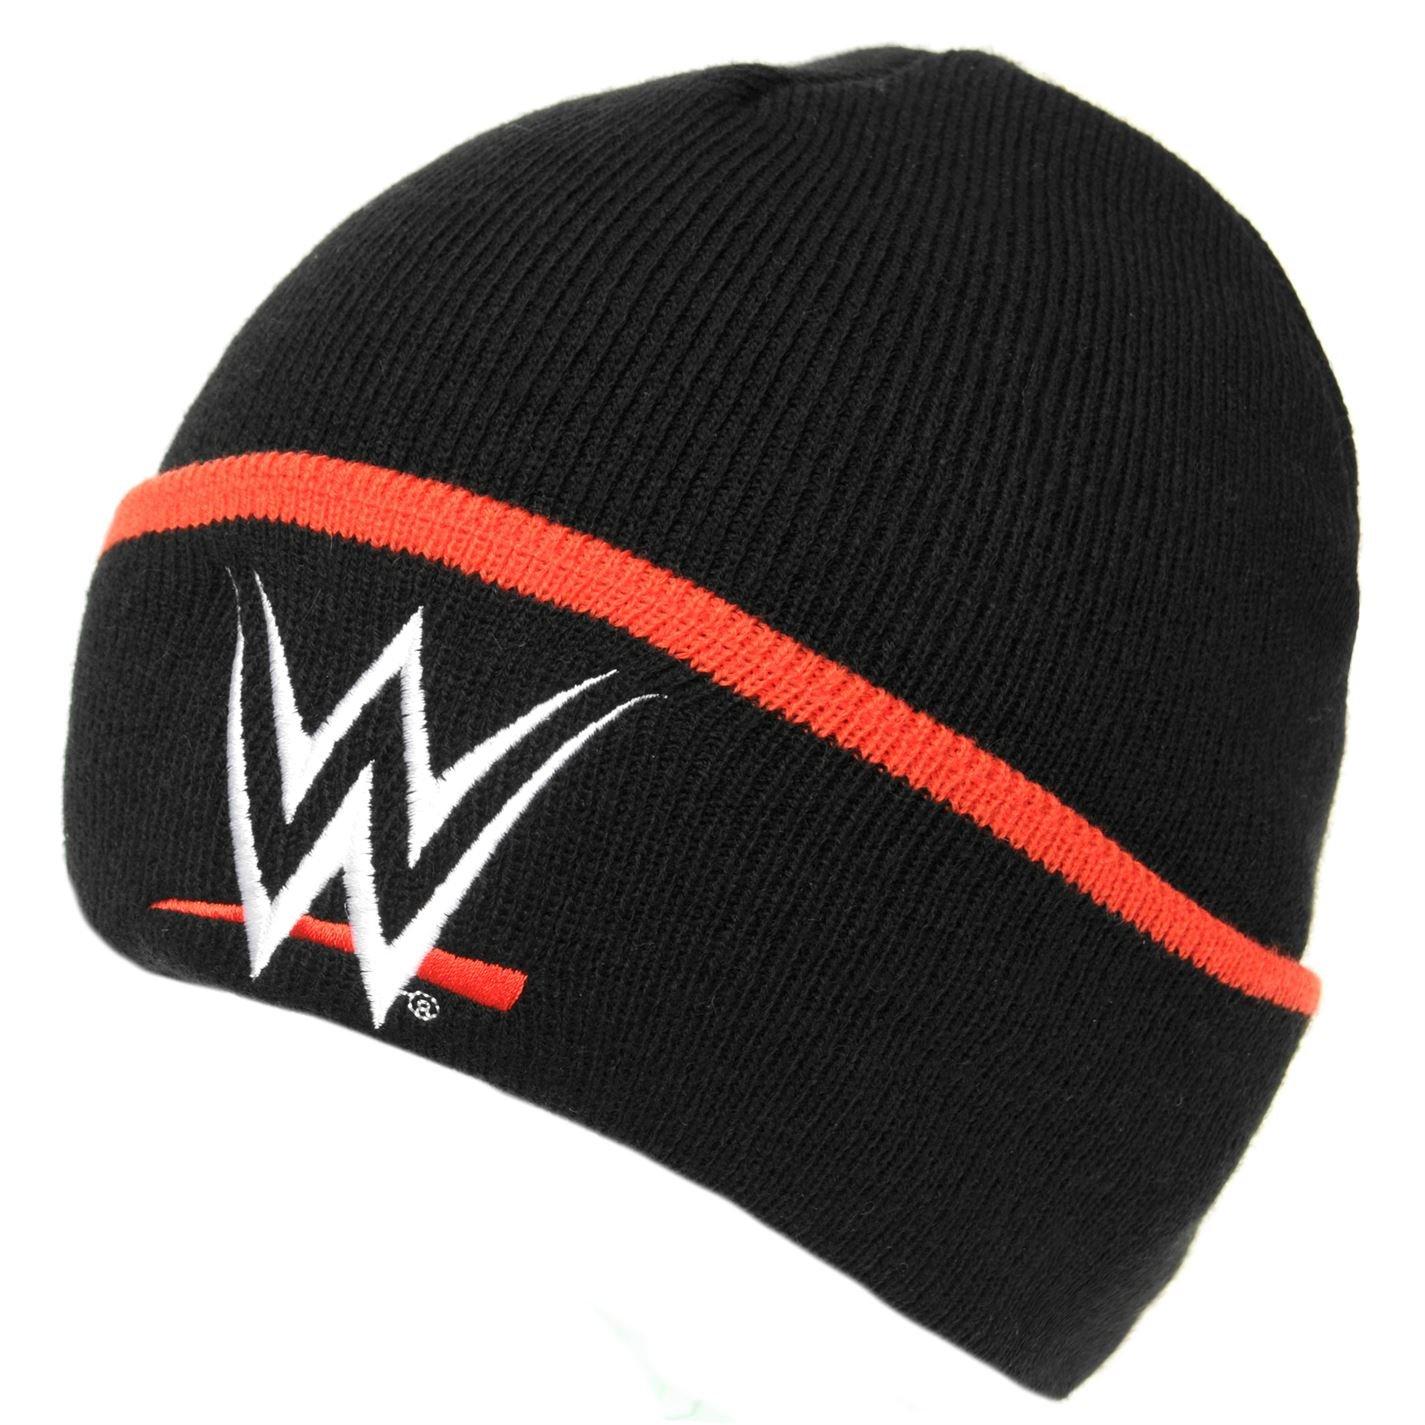 WWE JUNIOR YOUNG BAMBINI DEL CAPPELLO JOHN CENA MONDO BAMBINI CAPPELLO ha carattere WRESTLING John Cena UCME